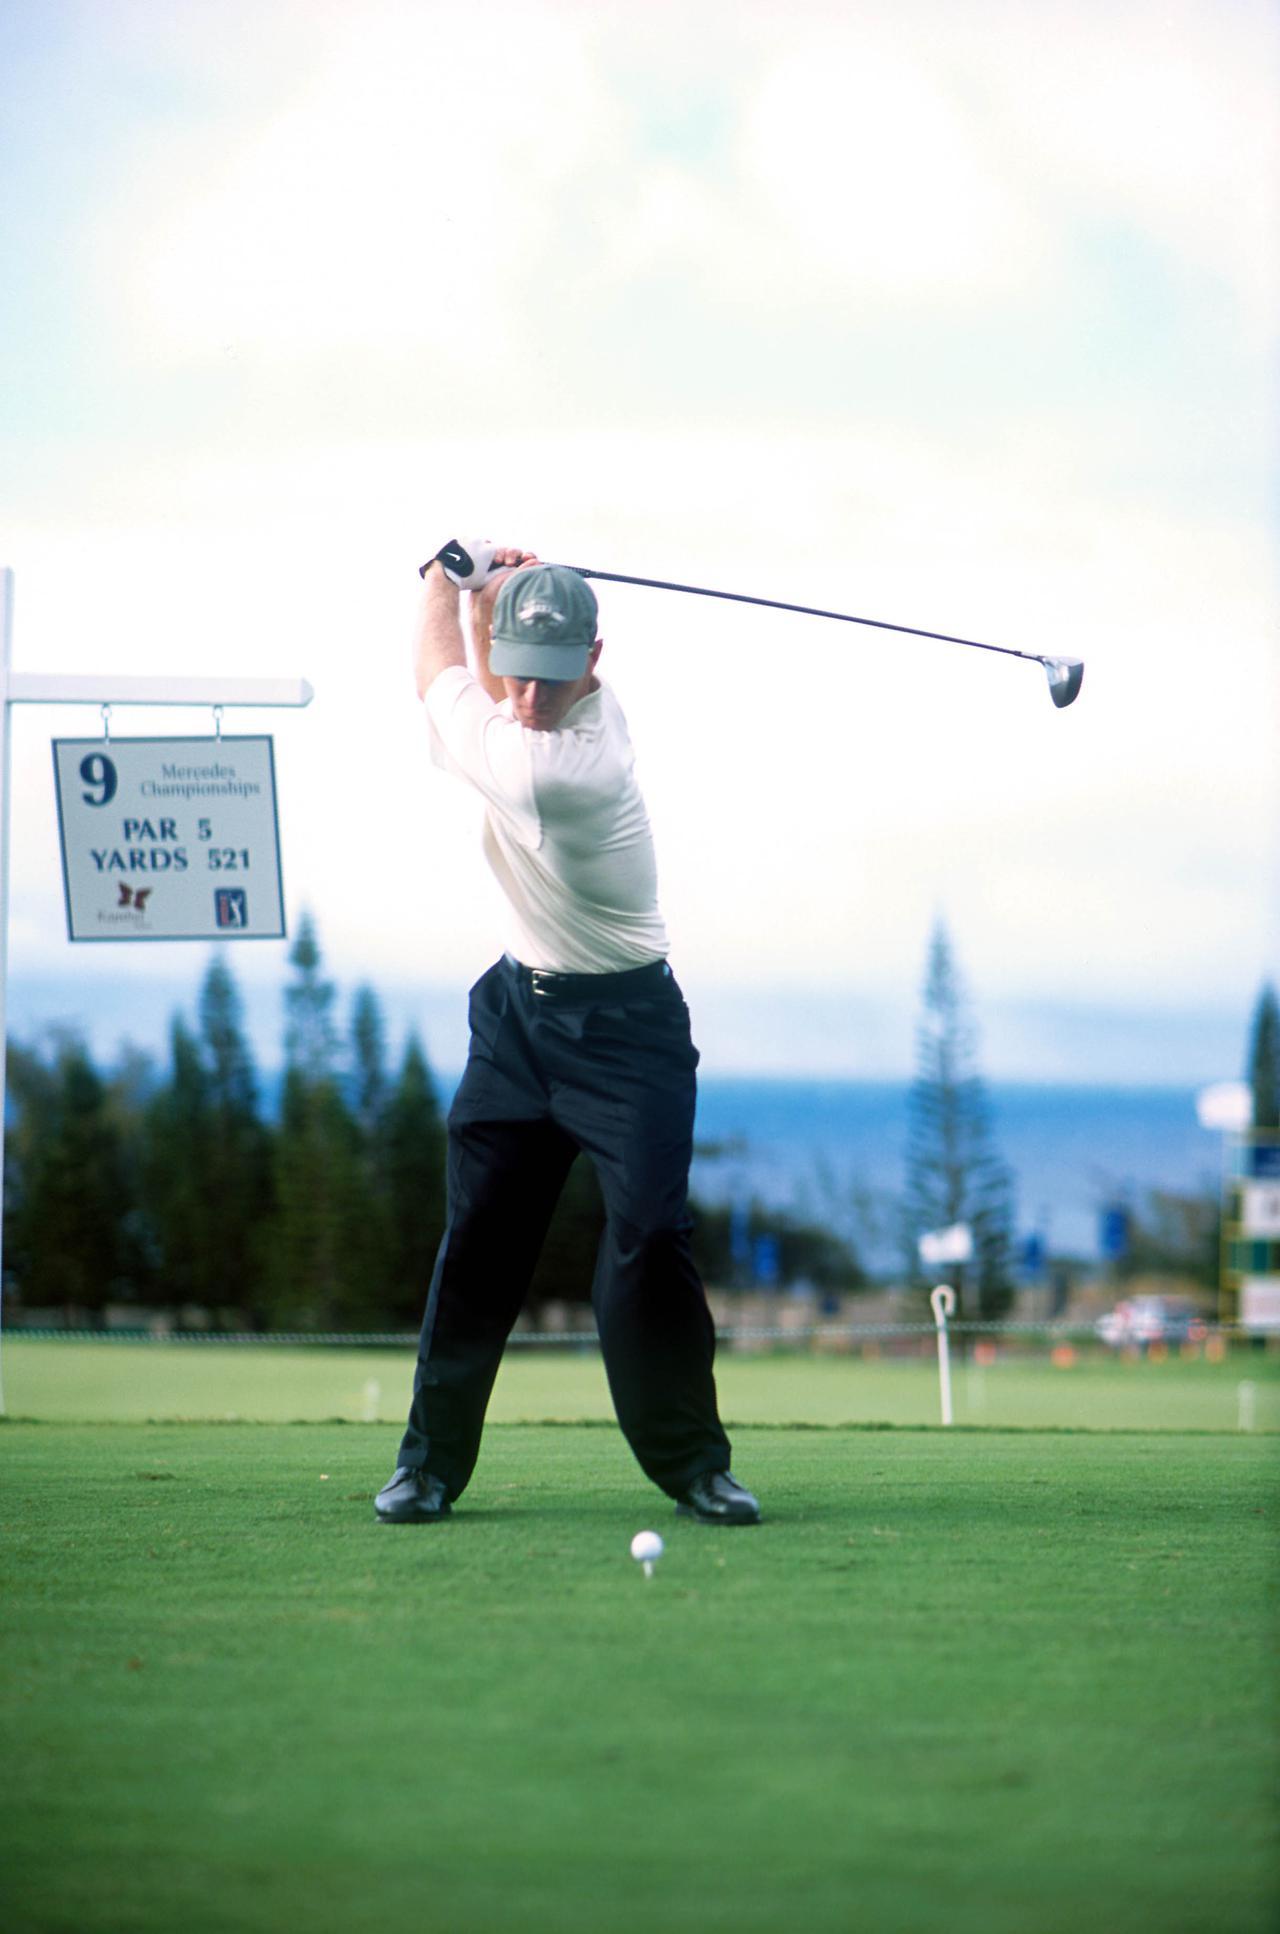 Images : 5番目の画像 - デビッド・デュバル ドライバー正面連続写真 - みんなのゴルフダイジェスト